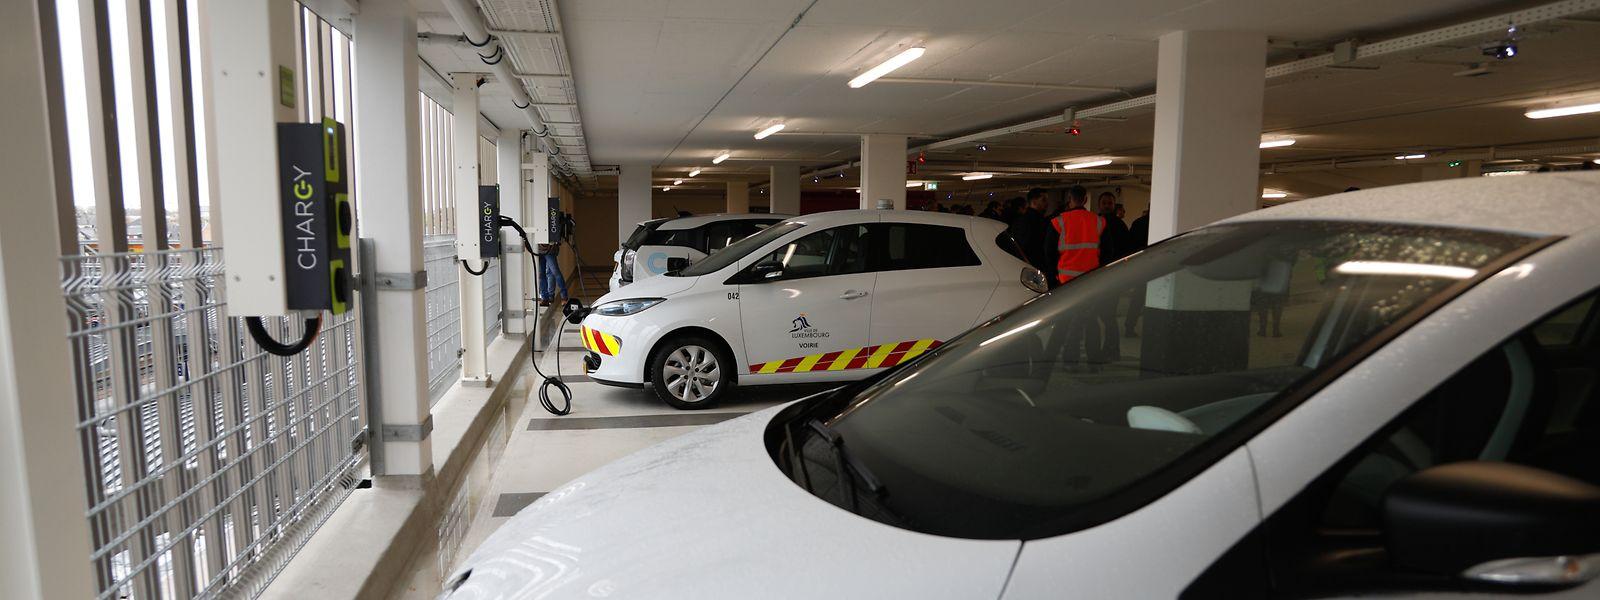 Vingt voitures hybrides ou électriques sont assurées de trouver une borne de charge.